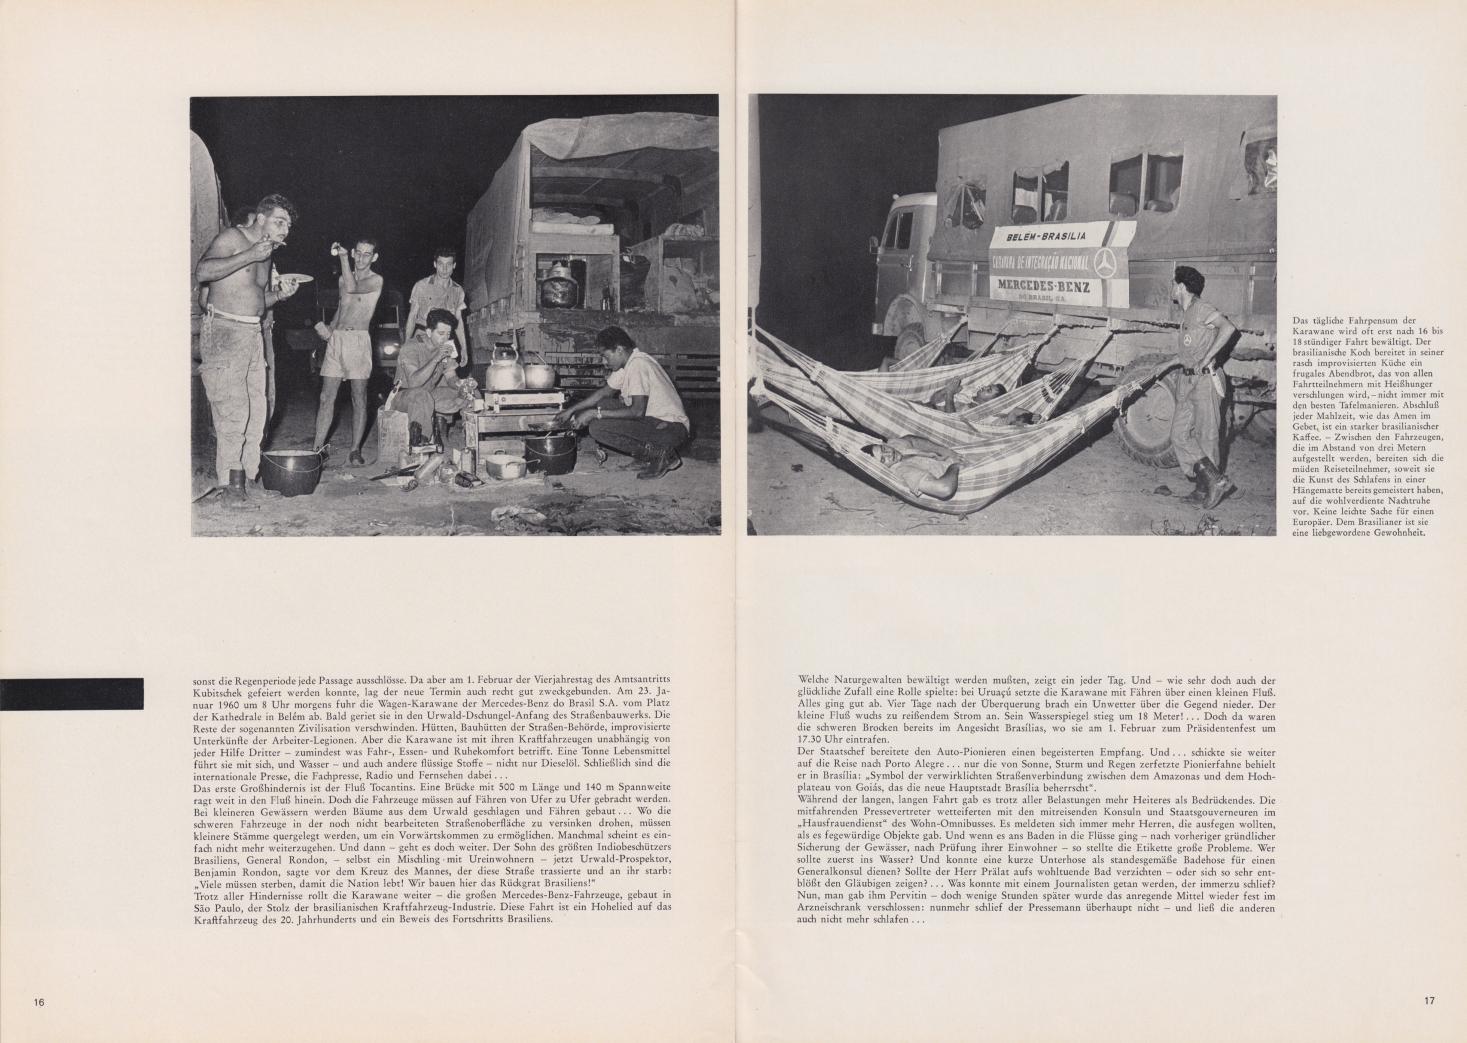 (REVISTA): Periódico In aller welt n.º 42 - Mercedes-Benz no mundo - 1960 - multilingue - com imagens do Brasil e construção de Brasília 011